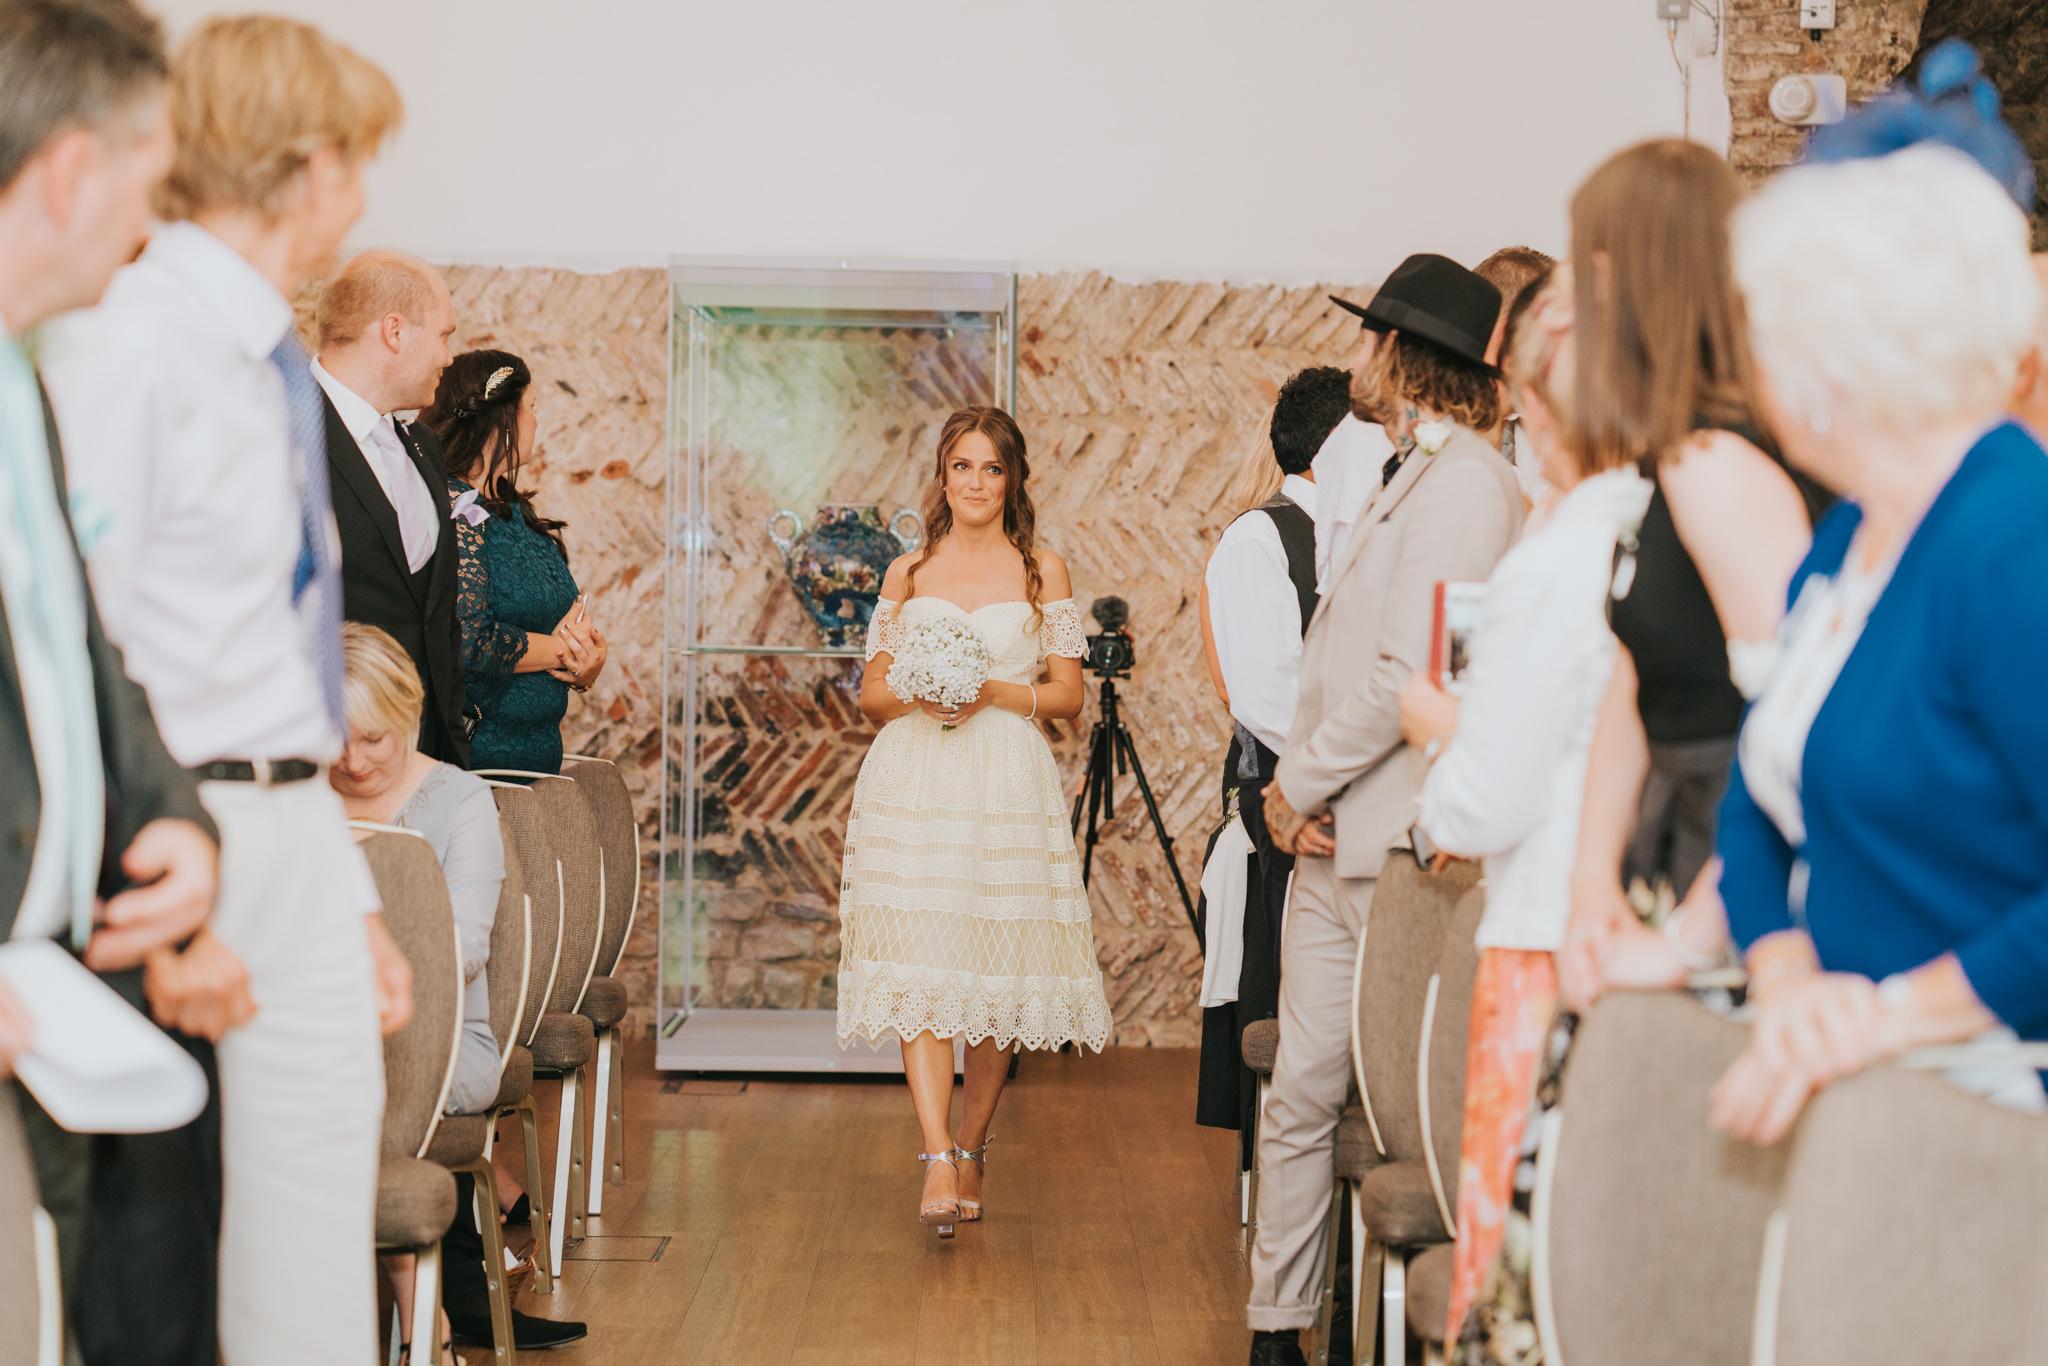 Joe-Tiffany-Colchester-Castle-Wedding-Essex-Grace-Elizabeth-Colchester-Essex-Alternative-Wedding-Photographer-Suffolk-Norfolk-Devon (43 of 122).jpg